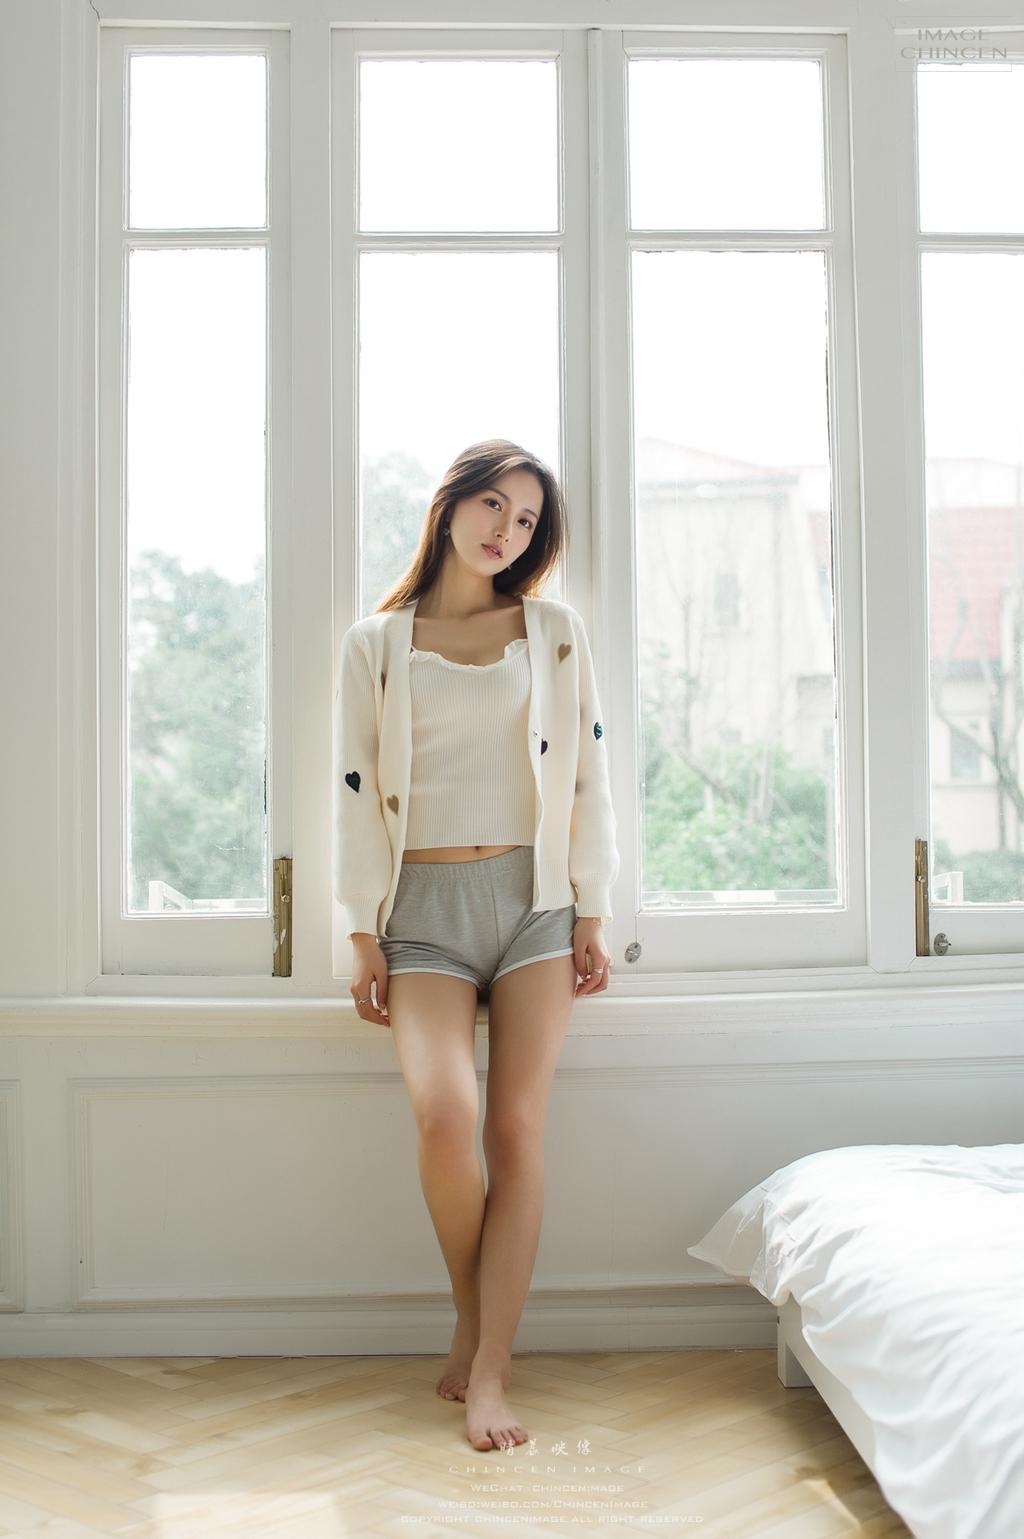 DMBJ-055大奶美女许诺情趣制服丝袜诱惑美腿玉足虎白女粉嫩在线看